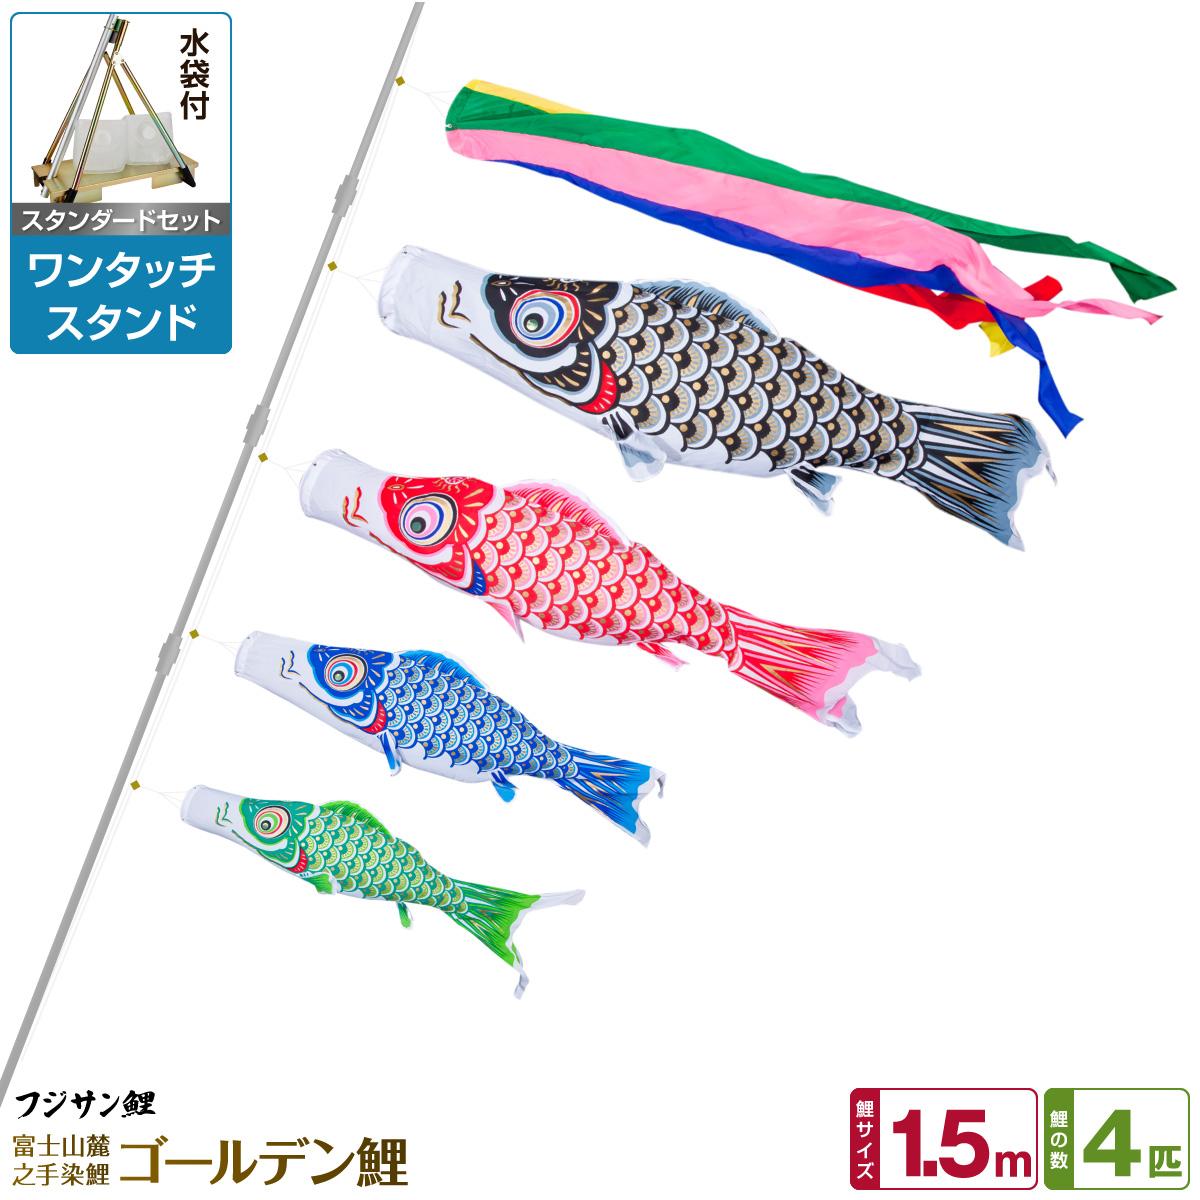 ベランダ用 こいのぼり 鯉のぼり フジサン鯉 ゴールデン鯉 1.5m 7点(吹流し+鯉4匹+矢車+ロープ)/スタンダードセット(ワンタッチスタンド)